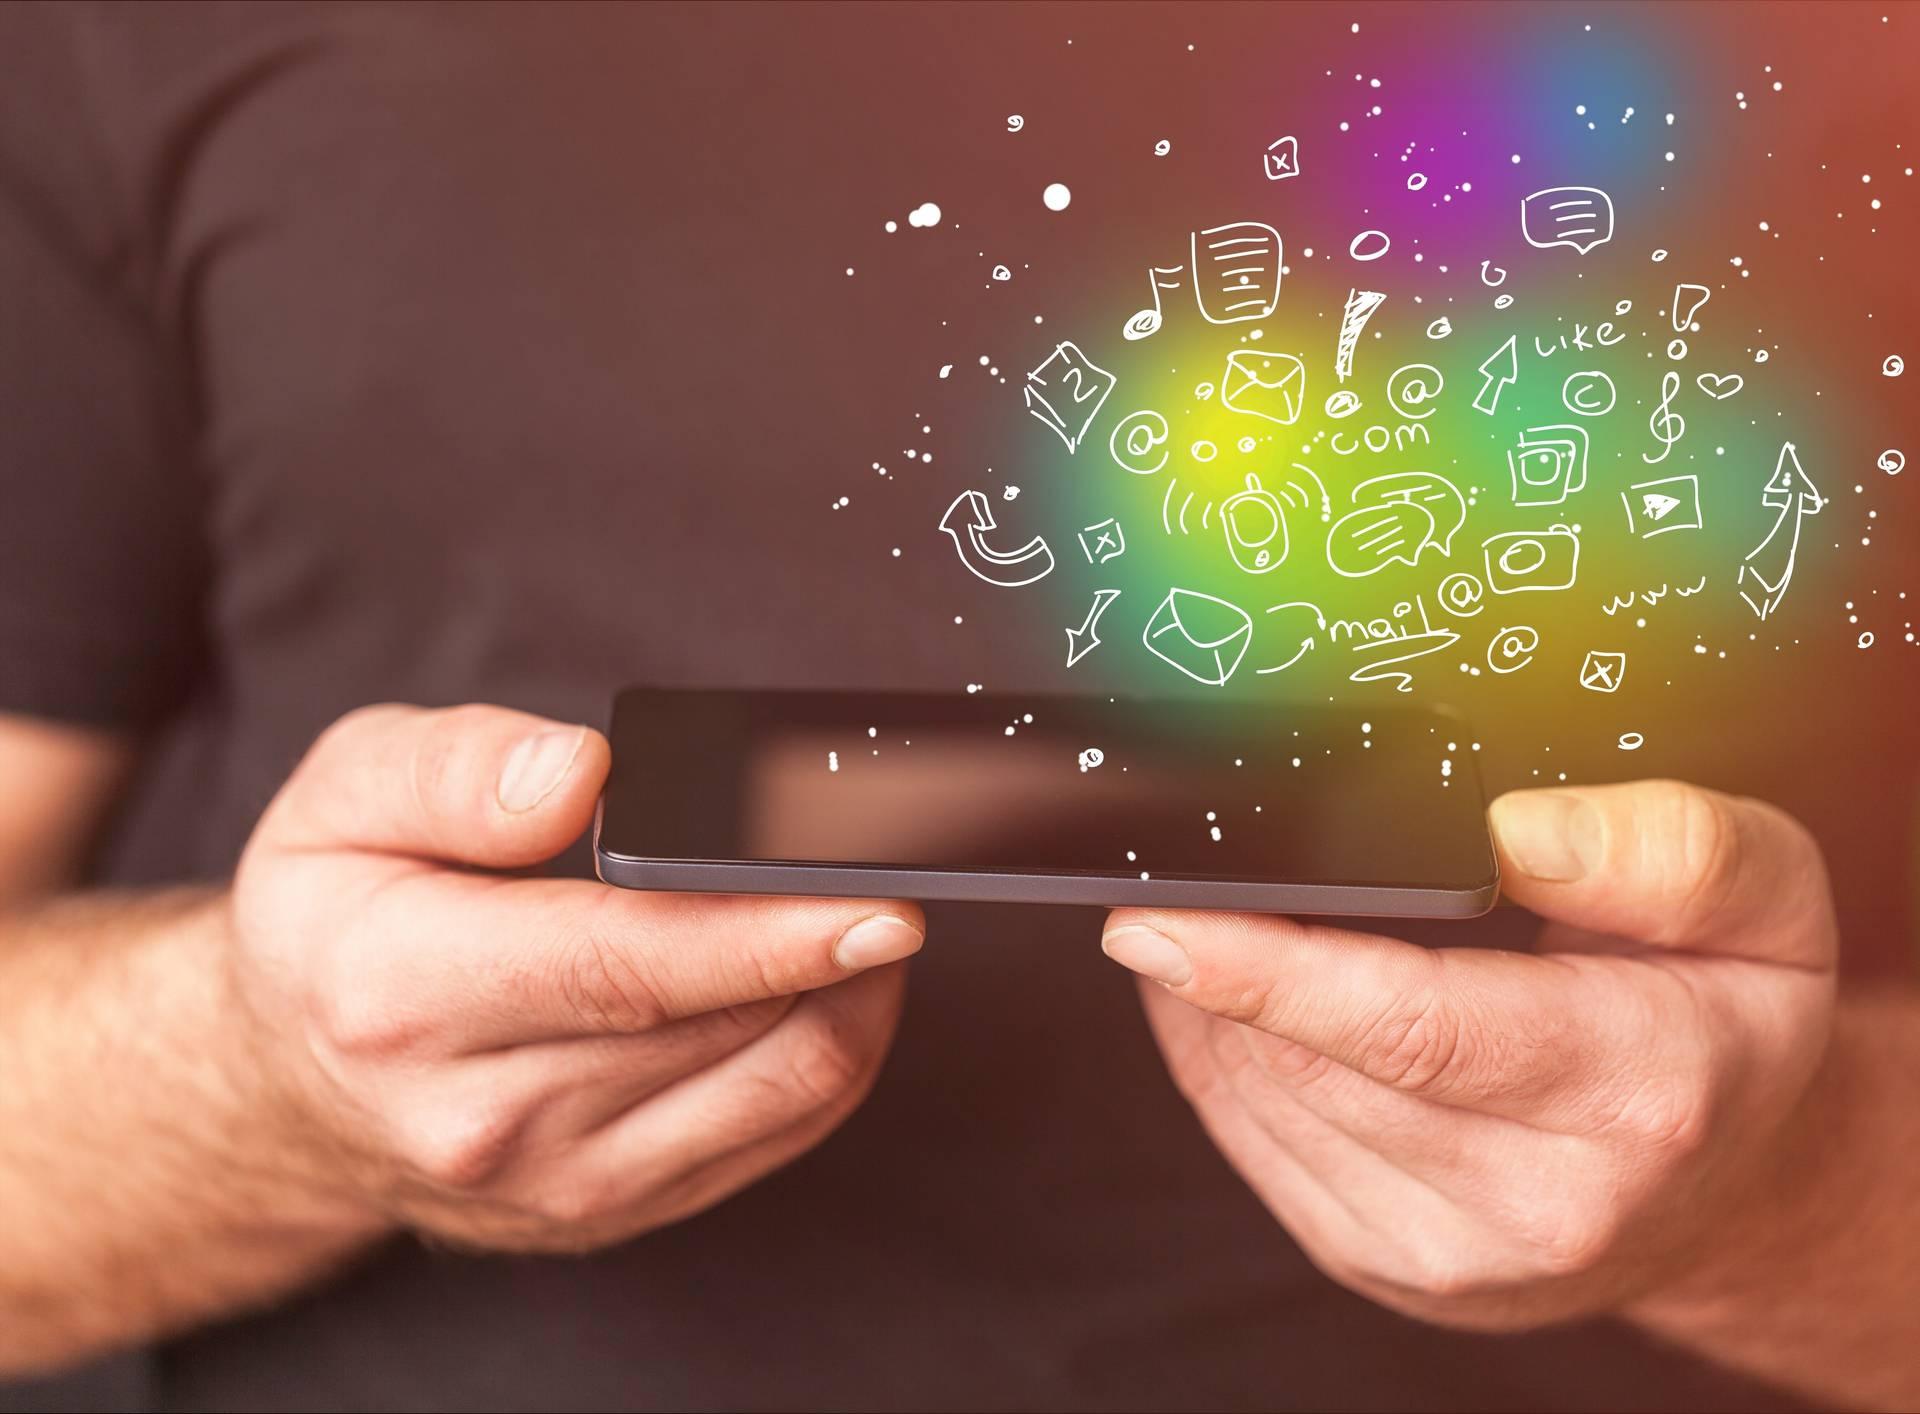 Od zdravlja do online treninga: Ove aplikacije olakšat će život